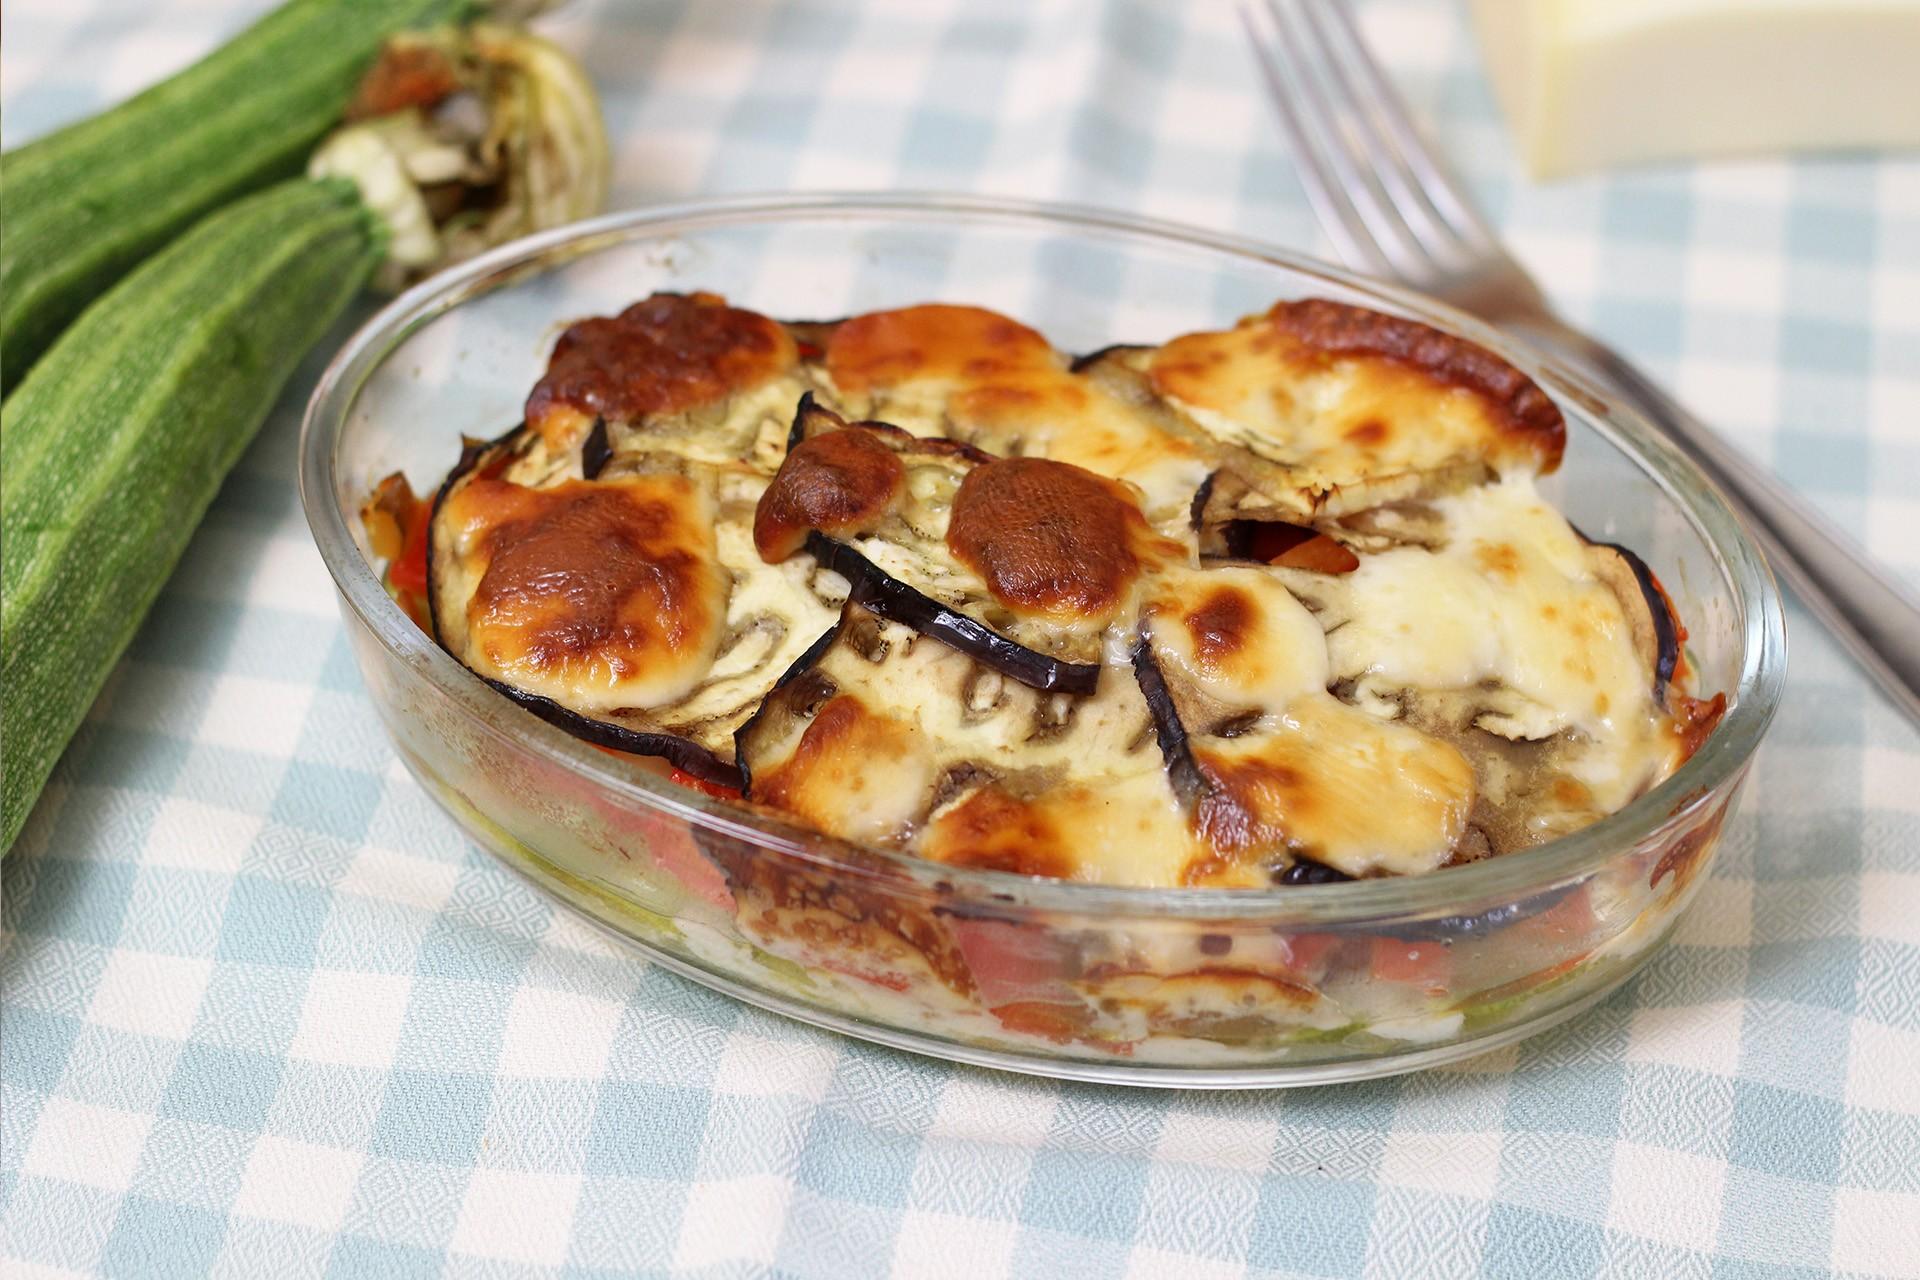 Ricette di secondi piatti con verdure  Ricette popolari sito culinario